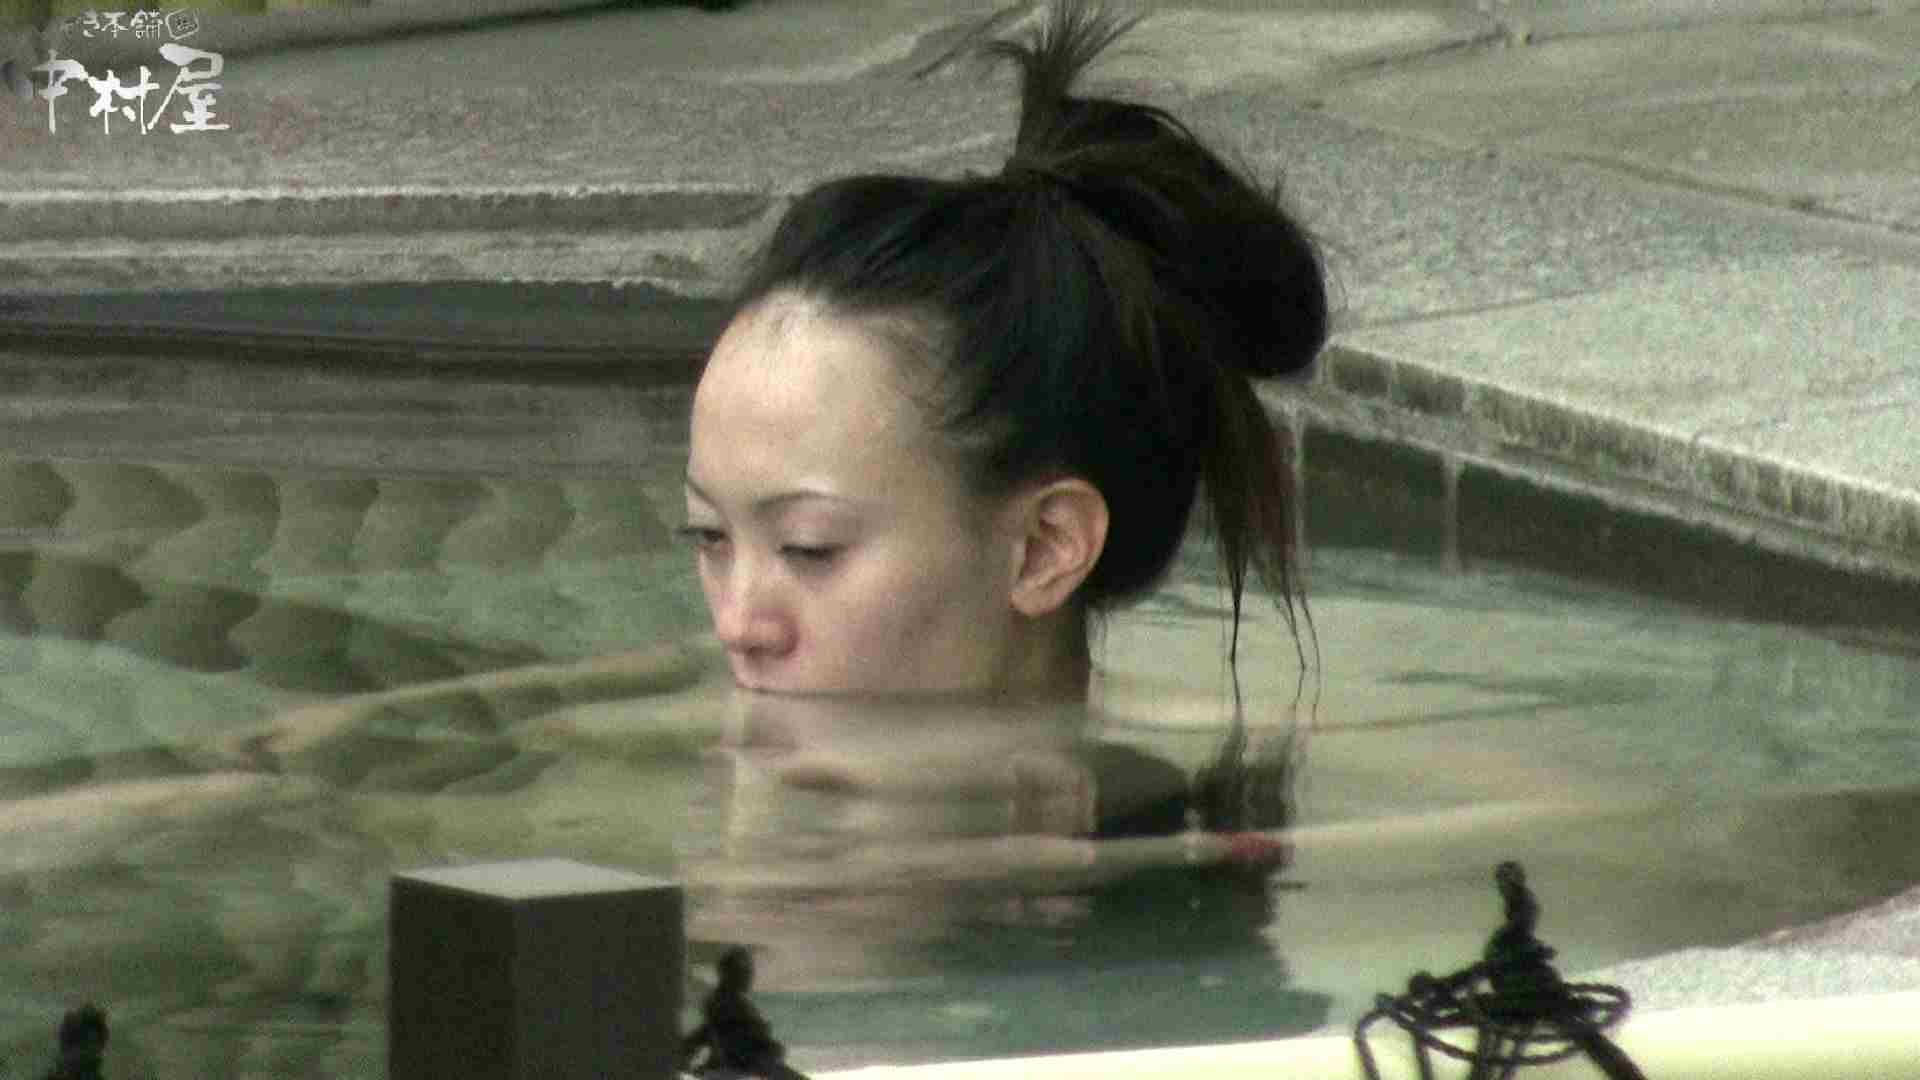 Aquaな露天風呂Vol.900 美しいOLの裸体  86pic 30